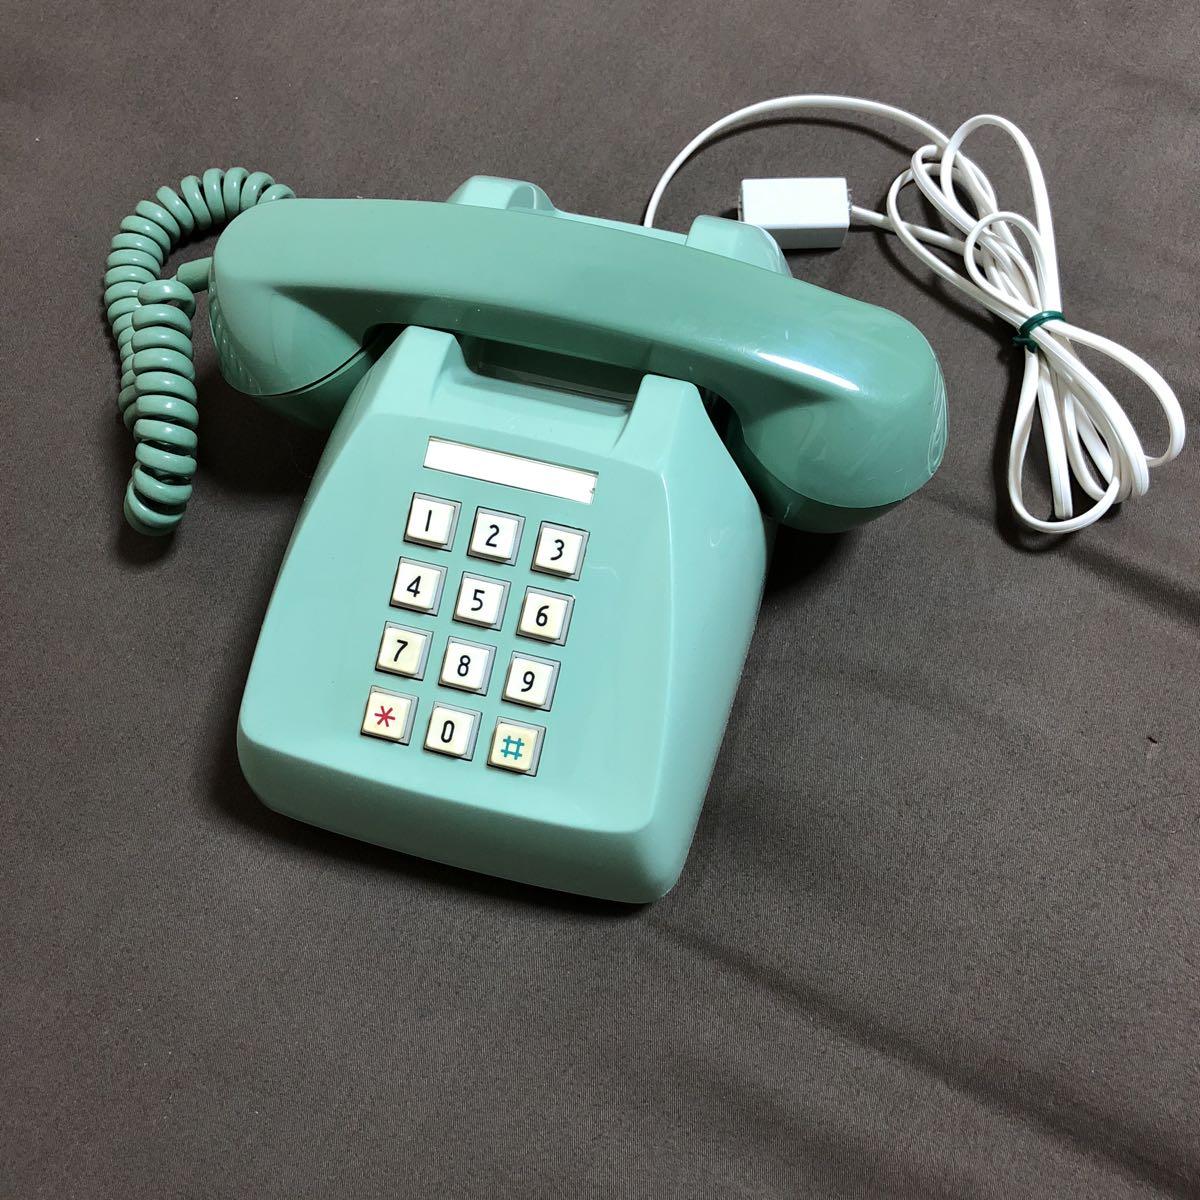 レトロ アンティーク プッシュ式電話機 600-P 日本電信電話公社 プッシュホン グリーン 緑 置物 飾り インテリア